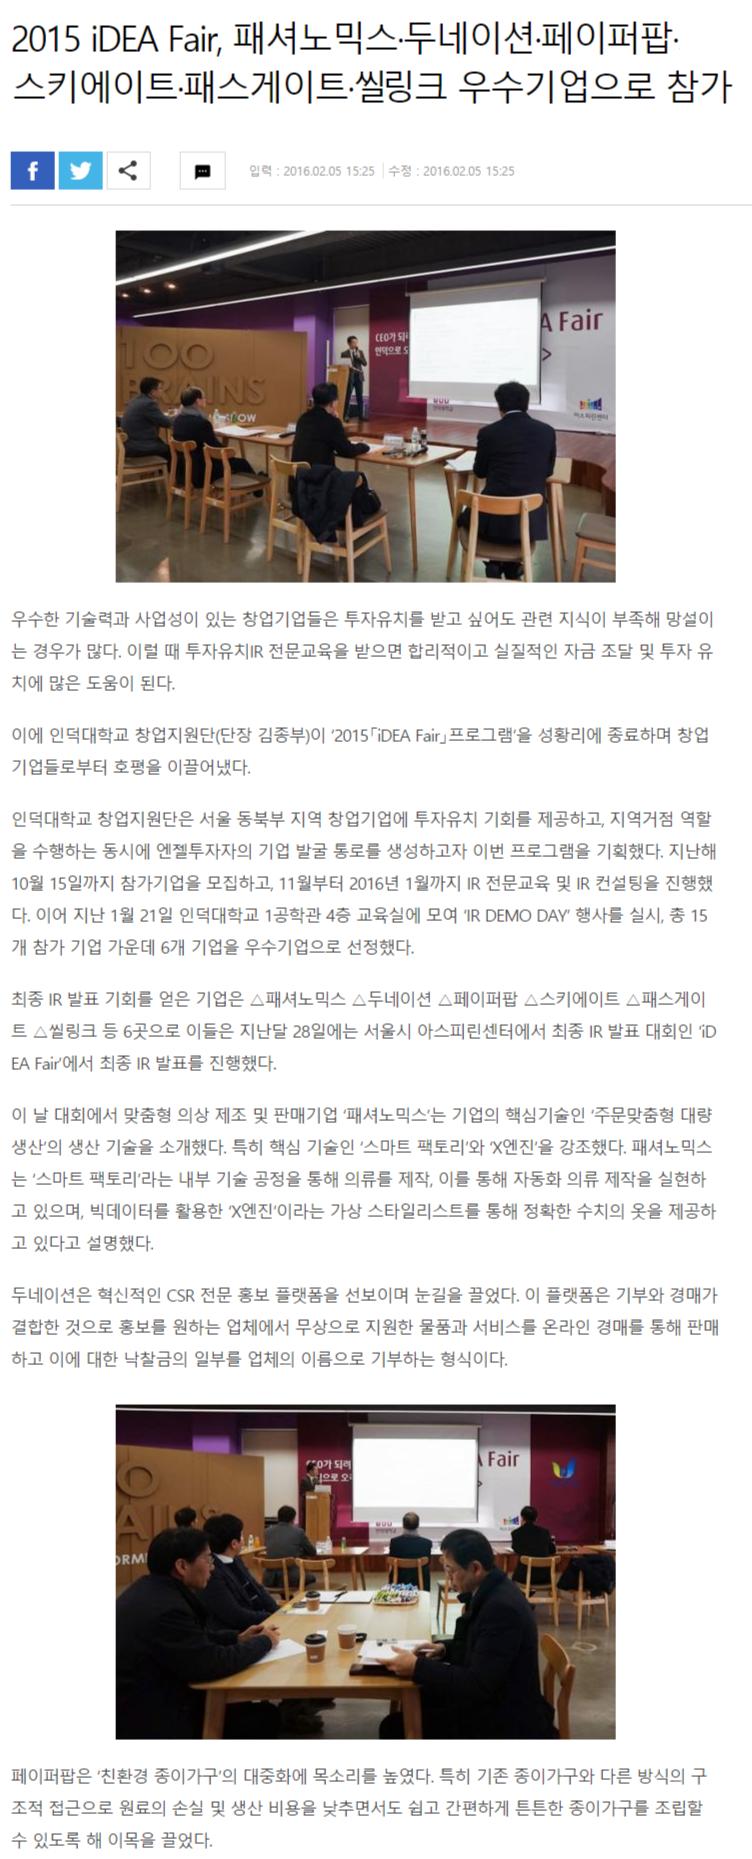 2016.02 경향신문